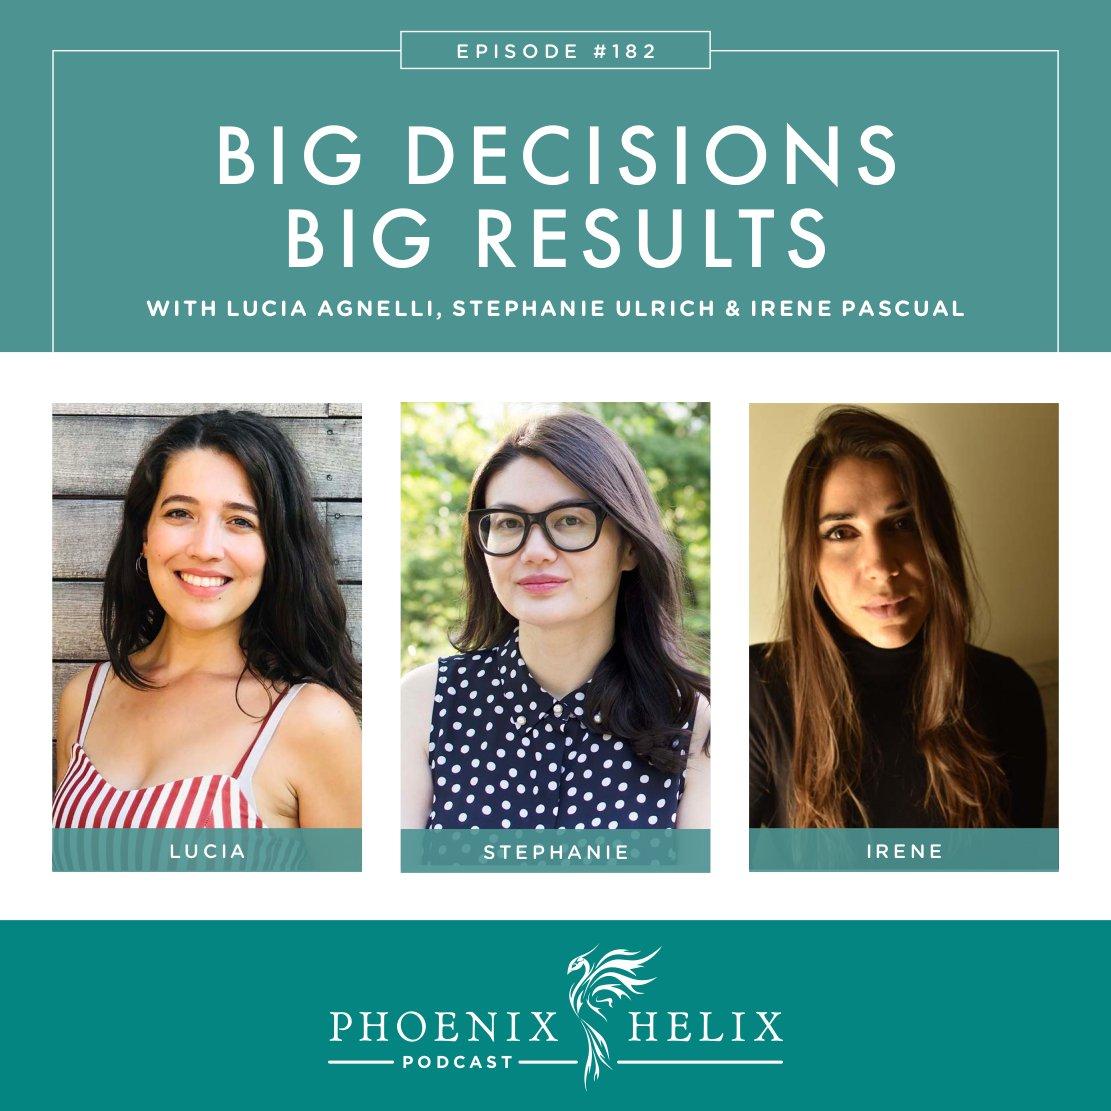 Big Decisions - Big Results   Phoenix Helix Podcast